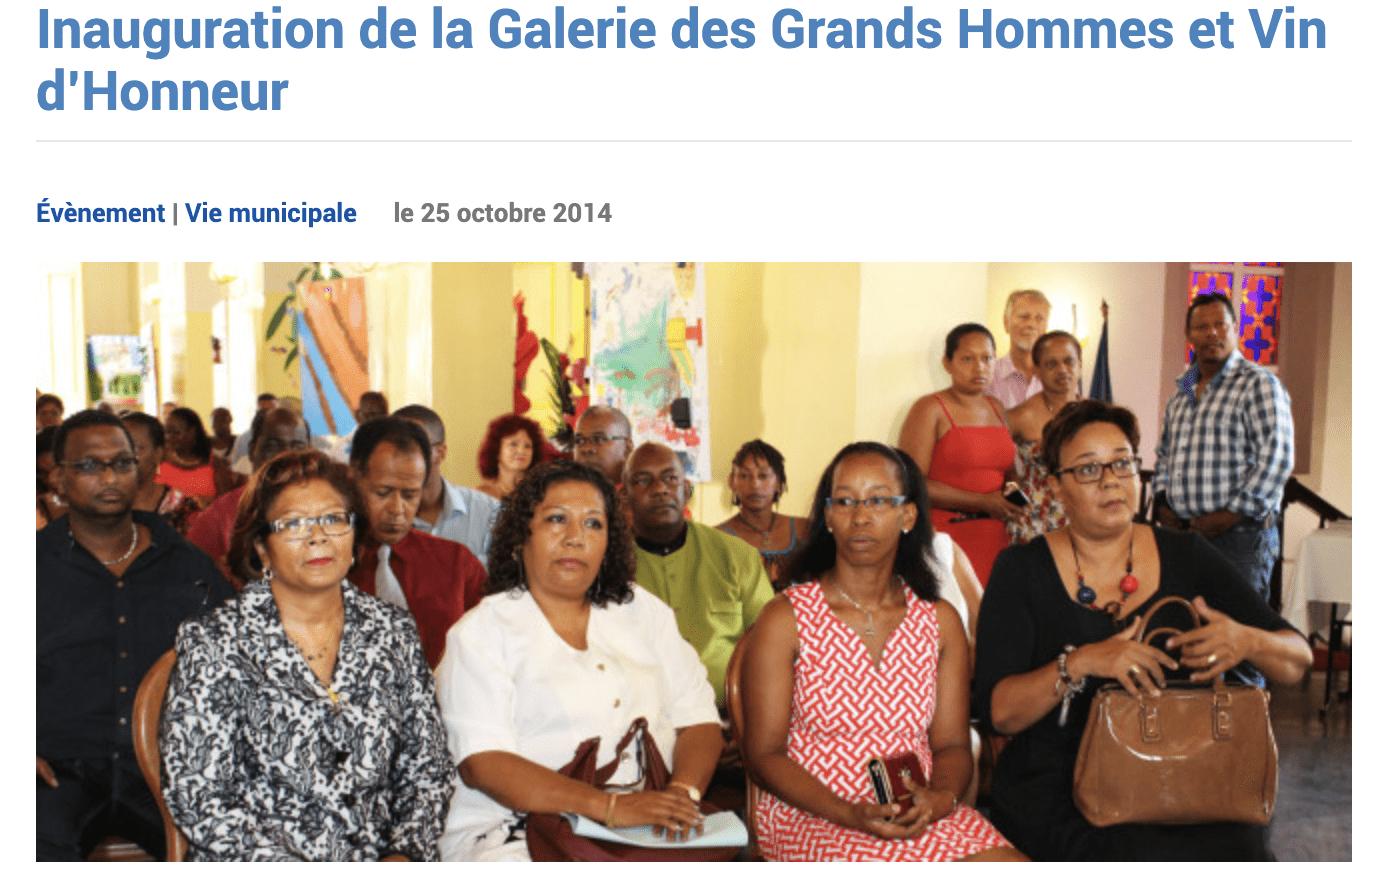 Inauguration de la galerie des Grands Hommes à Cayenne en octobre 2014